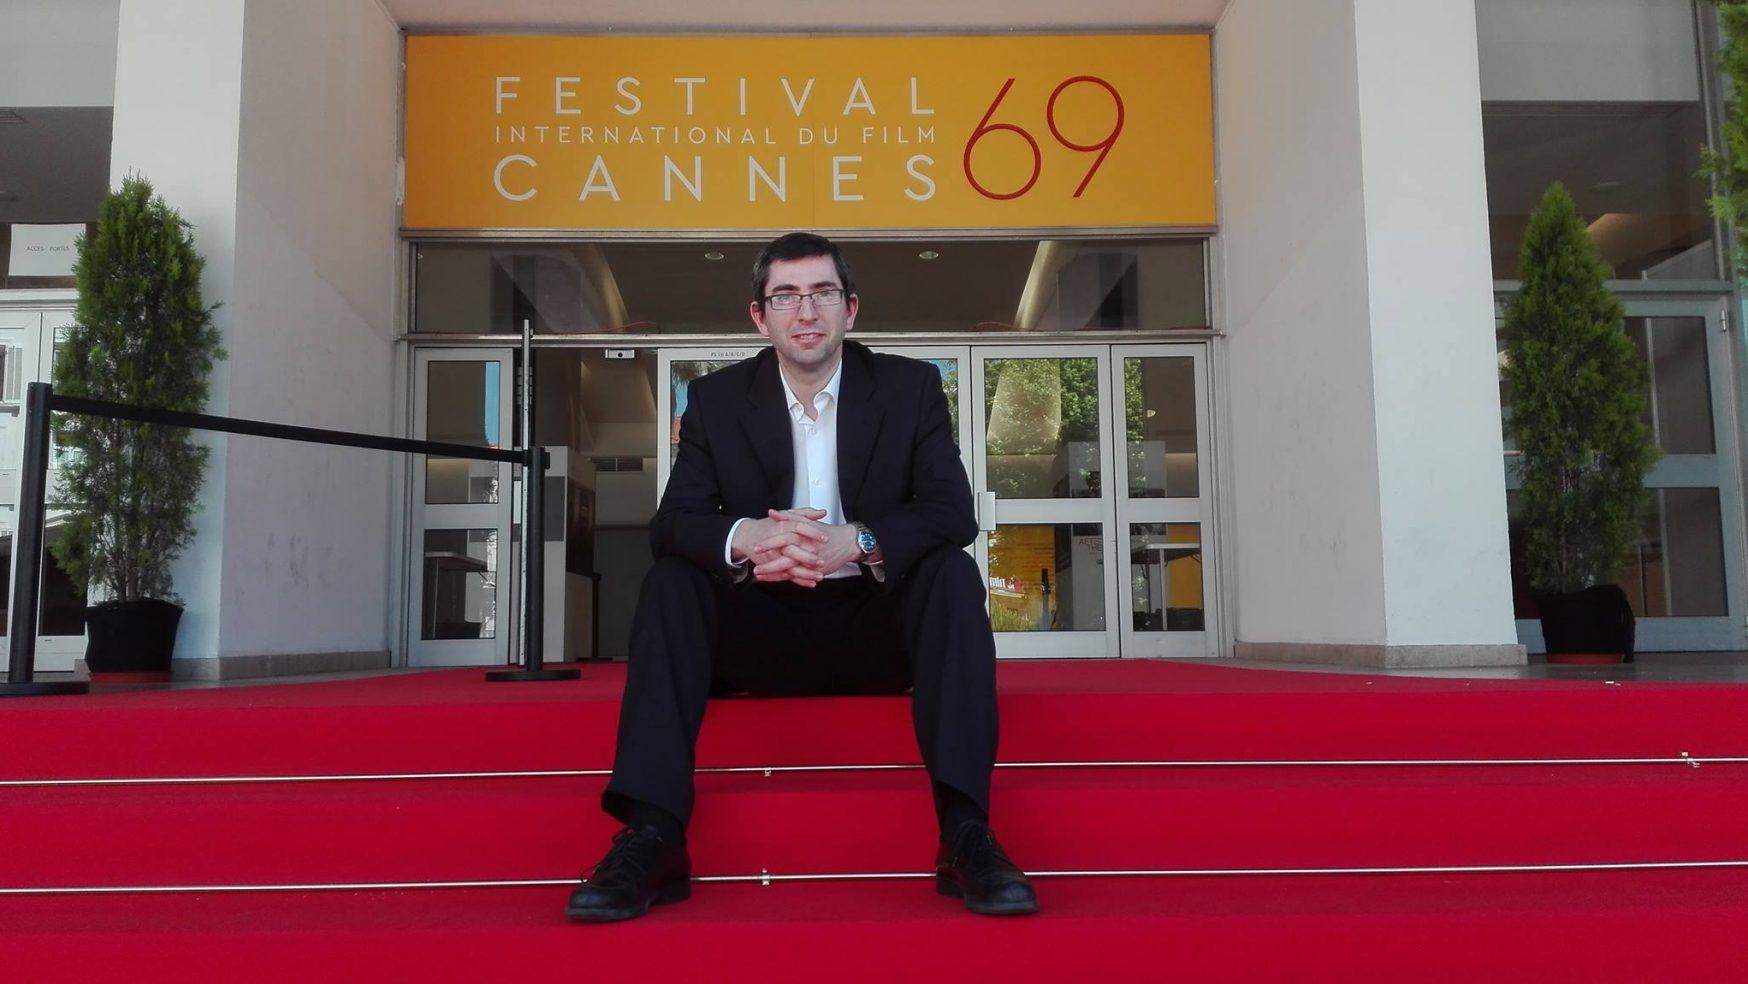 «Soy un apasionado del cine que no llega a fin de mes» Arturo Méndiz, ganador de La Palma de Oro en Cannes